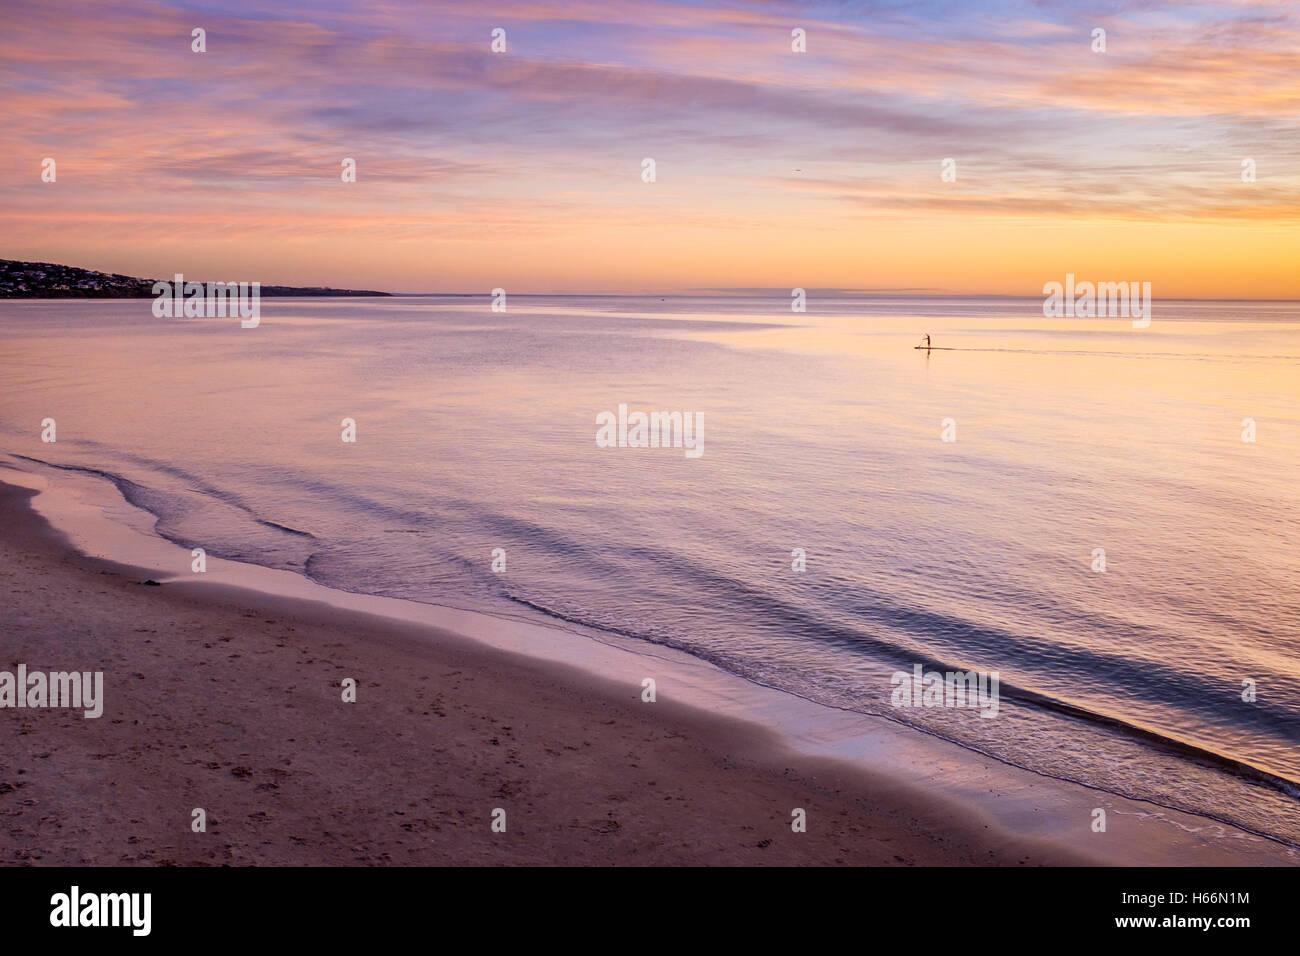 Sonnenuntergang am Strand von Brighton Adelaide, Adelaide Australien Stockbild